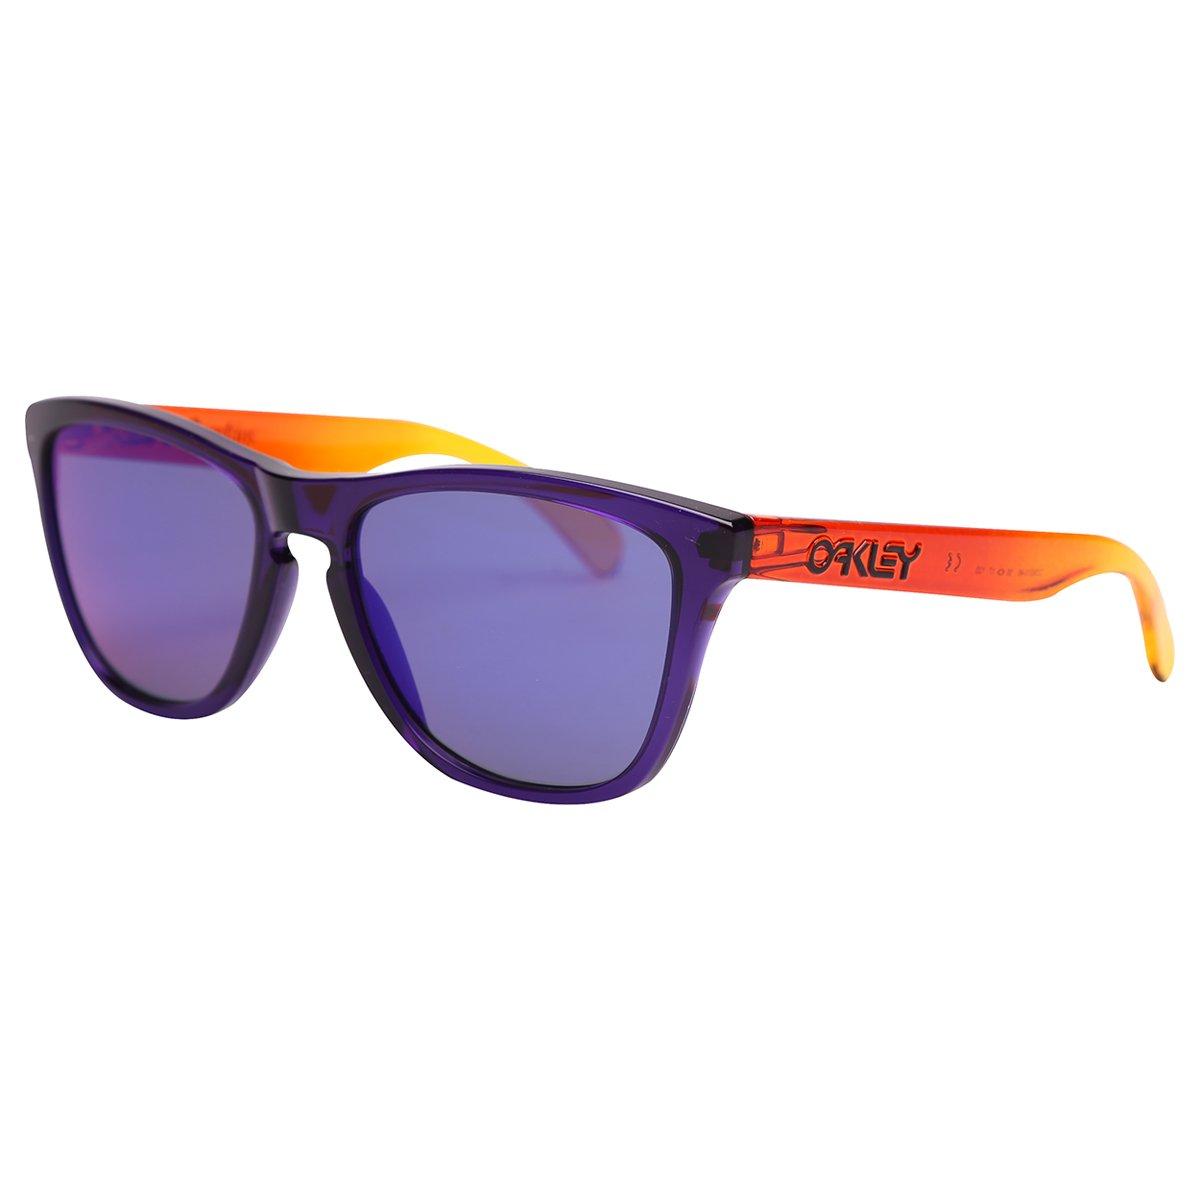 aaed24ccd2a2f Óculos Oakley Frogskins Surf Irdium-OO9013 - Compre Agora   Netshoes